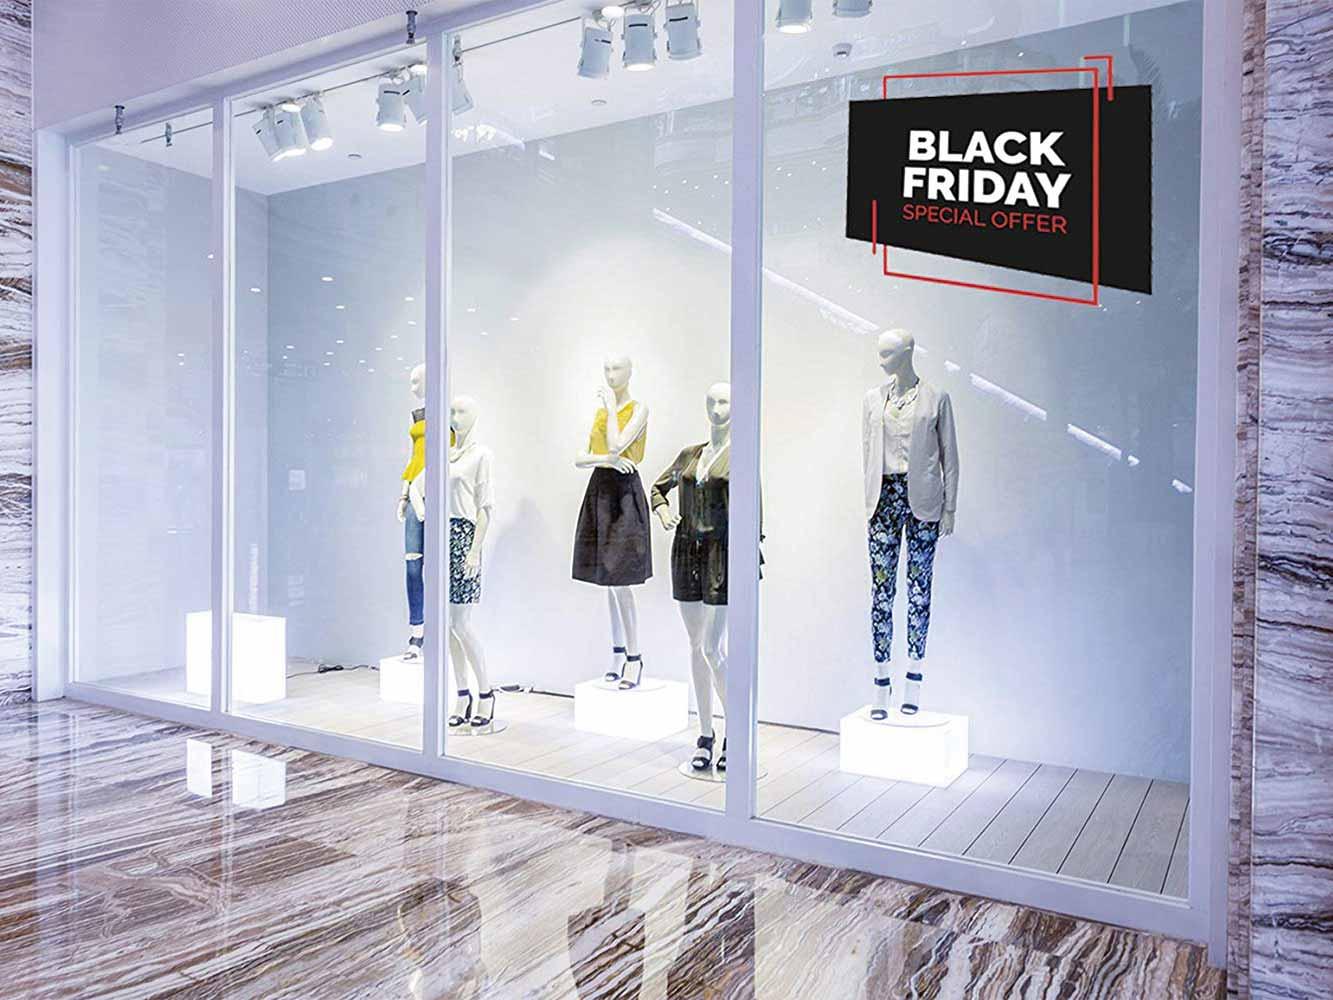 Vinilo Escaparate Black Friday Oferta Especial | Carteles XXL - Impresión carteleria publicitaria